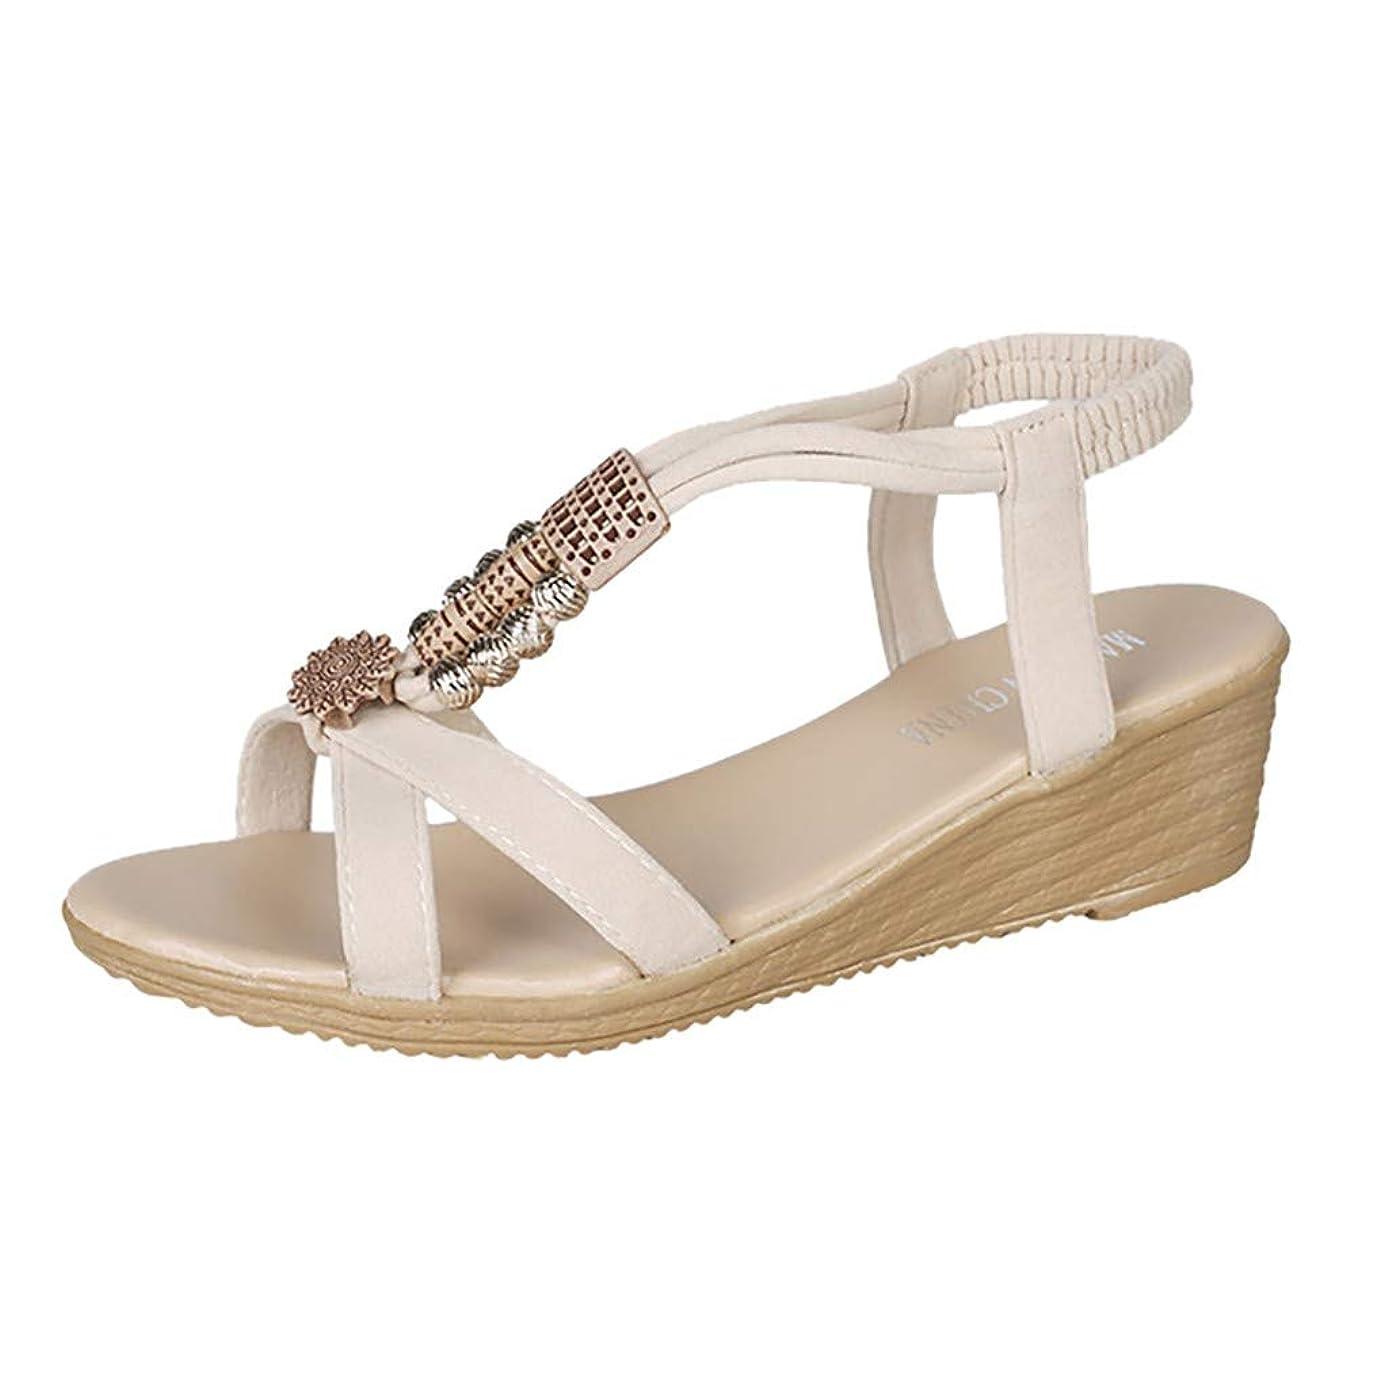 量でフラスコ不要[Rencaifeinimo] 女性はボヘミア浜の女性を結合しますTの結ばれたサンダルの伸縮性があるプラットホームのスライダーの靴最新 夏用 レディース お出かけ 美脚 おしゃれ ファッション 水陸両用